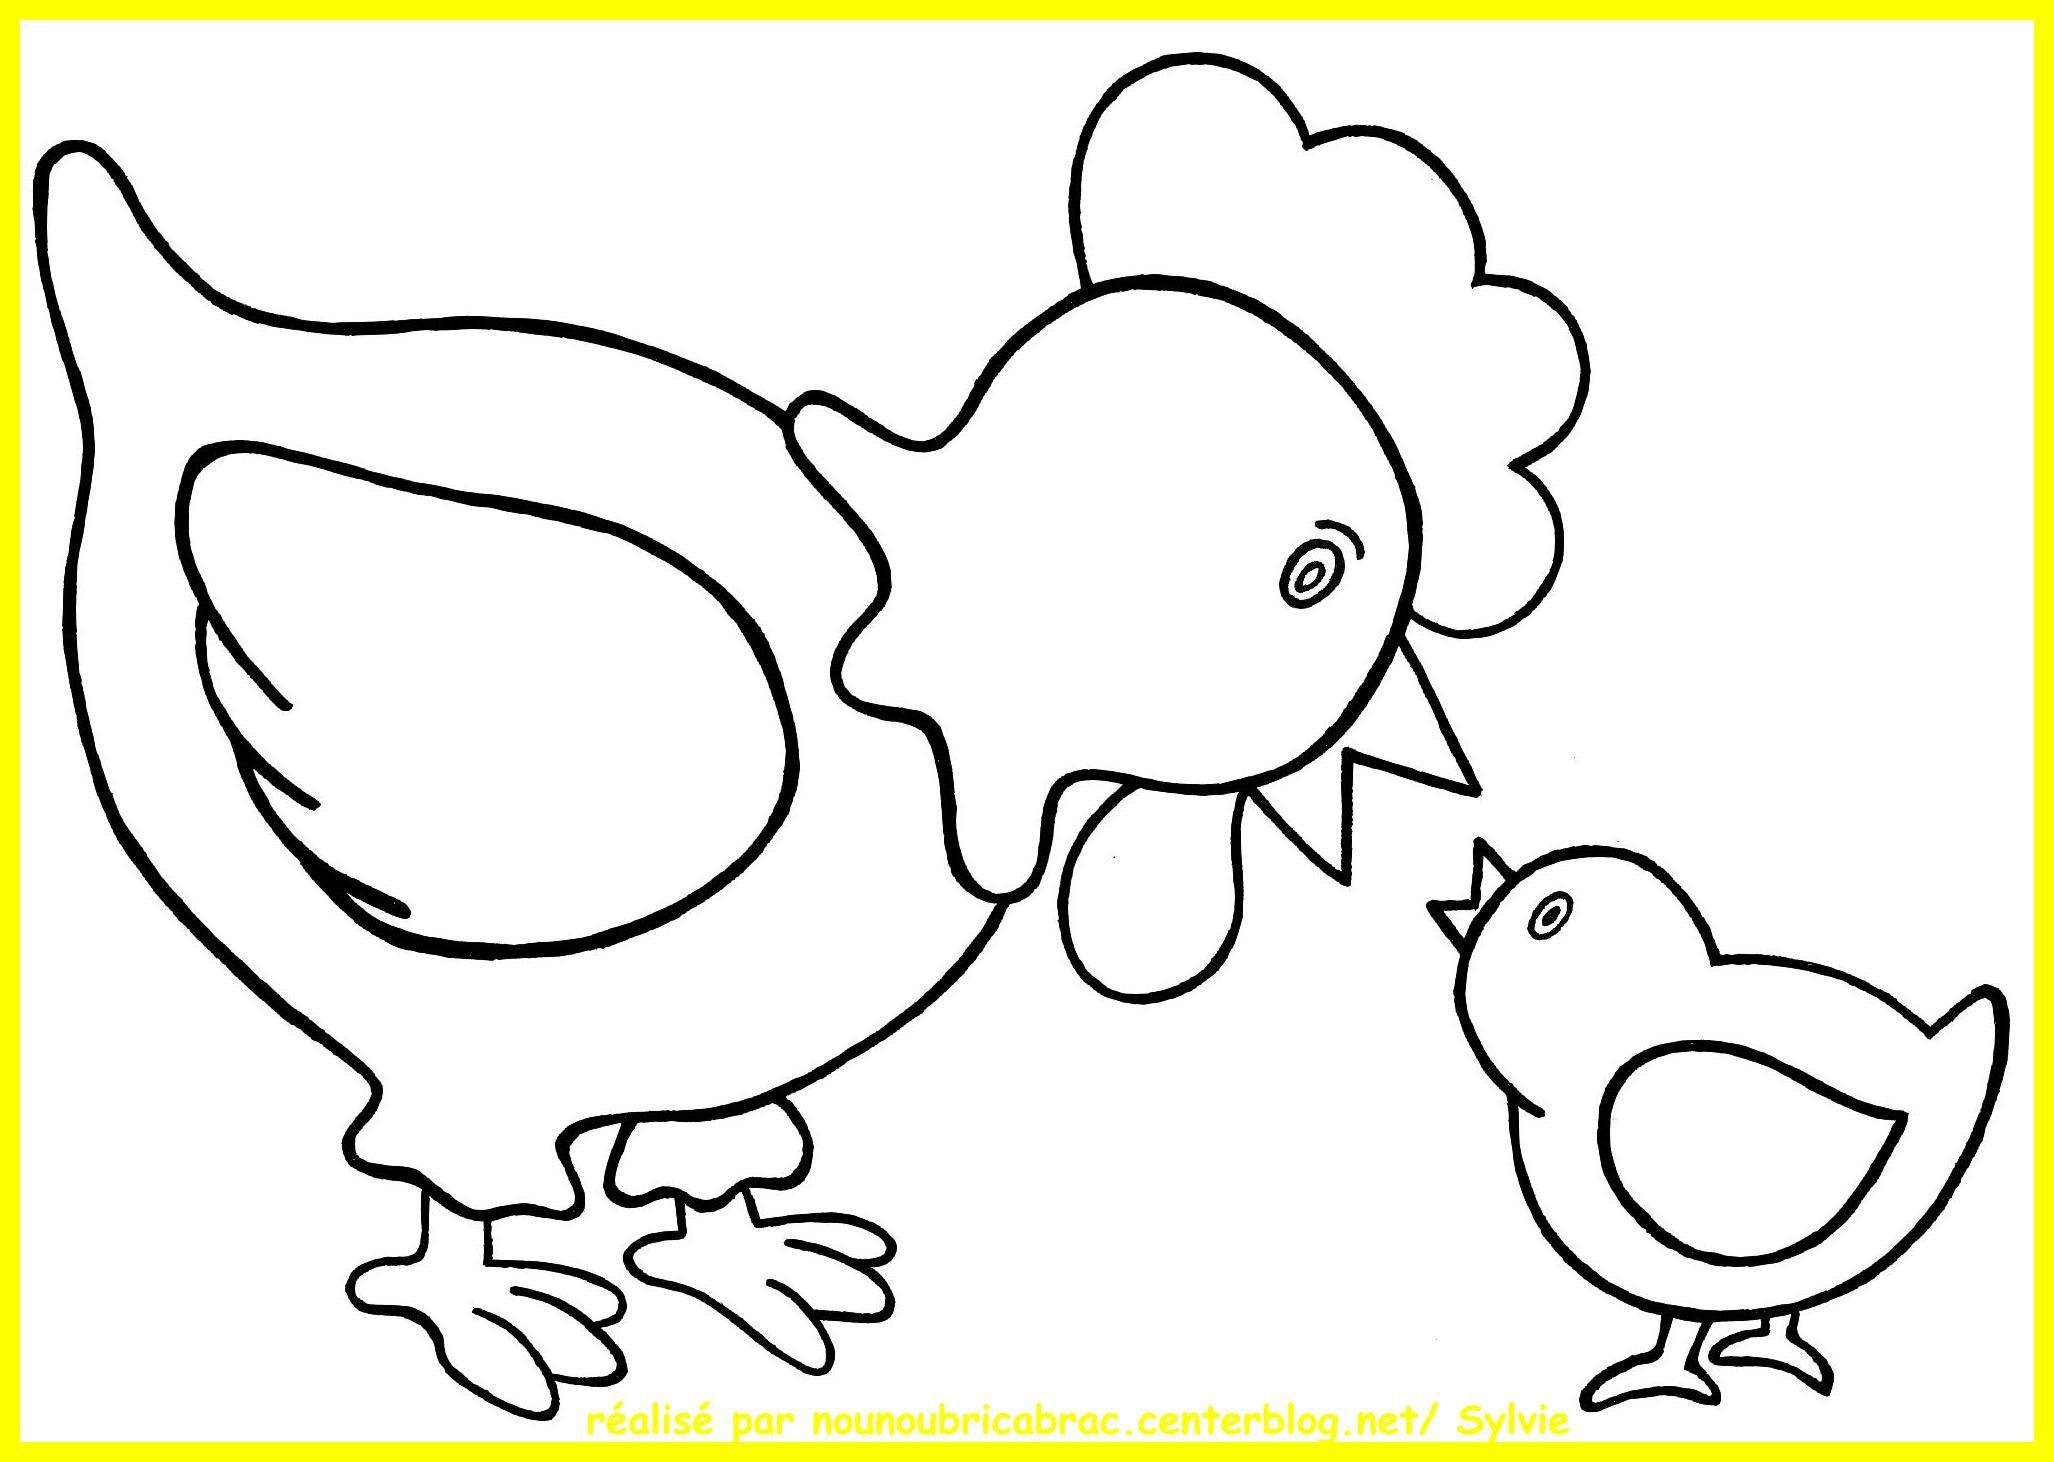 Coloriage Poule à colorier   Dessin à imprimer   Coloring pages ...